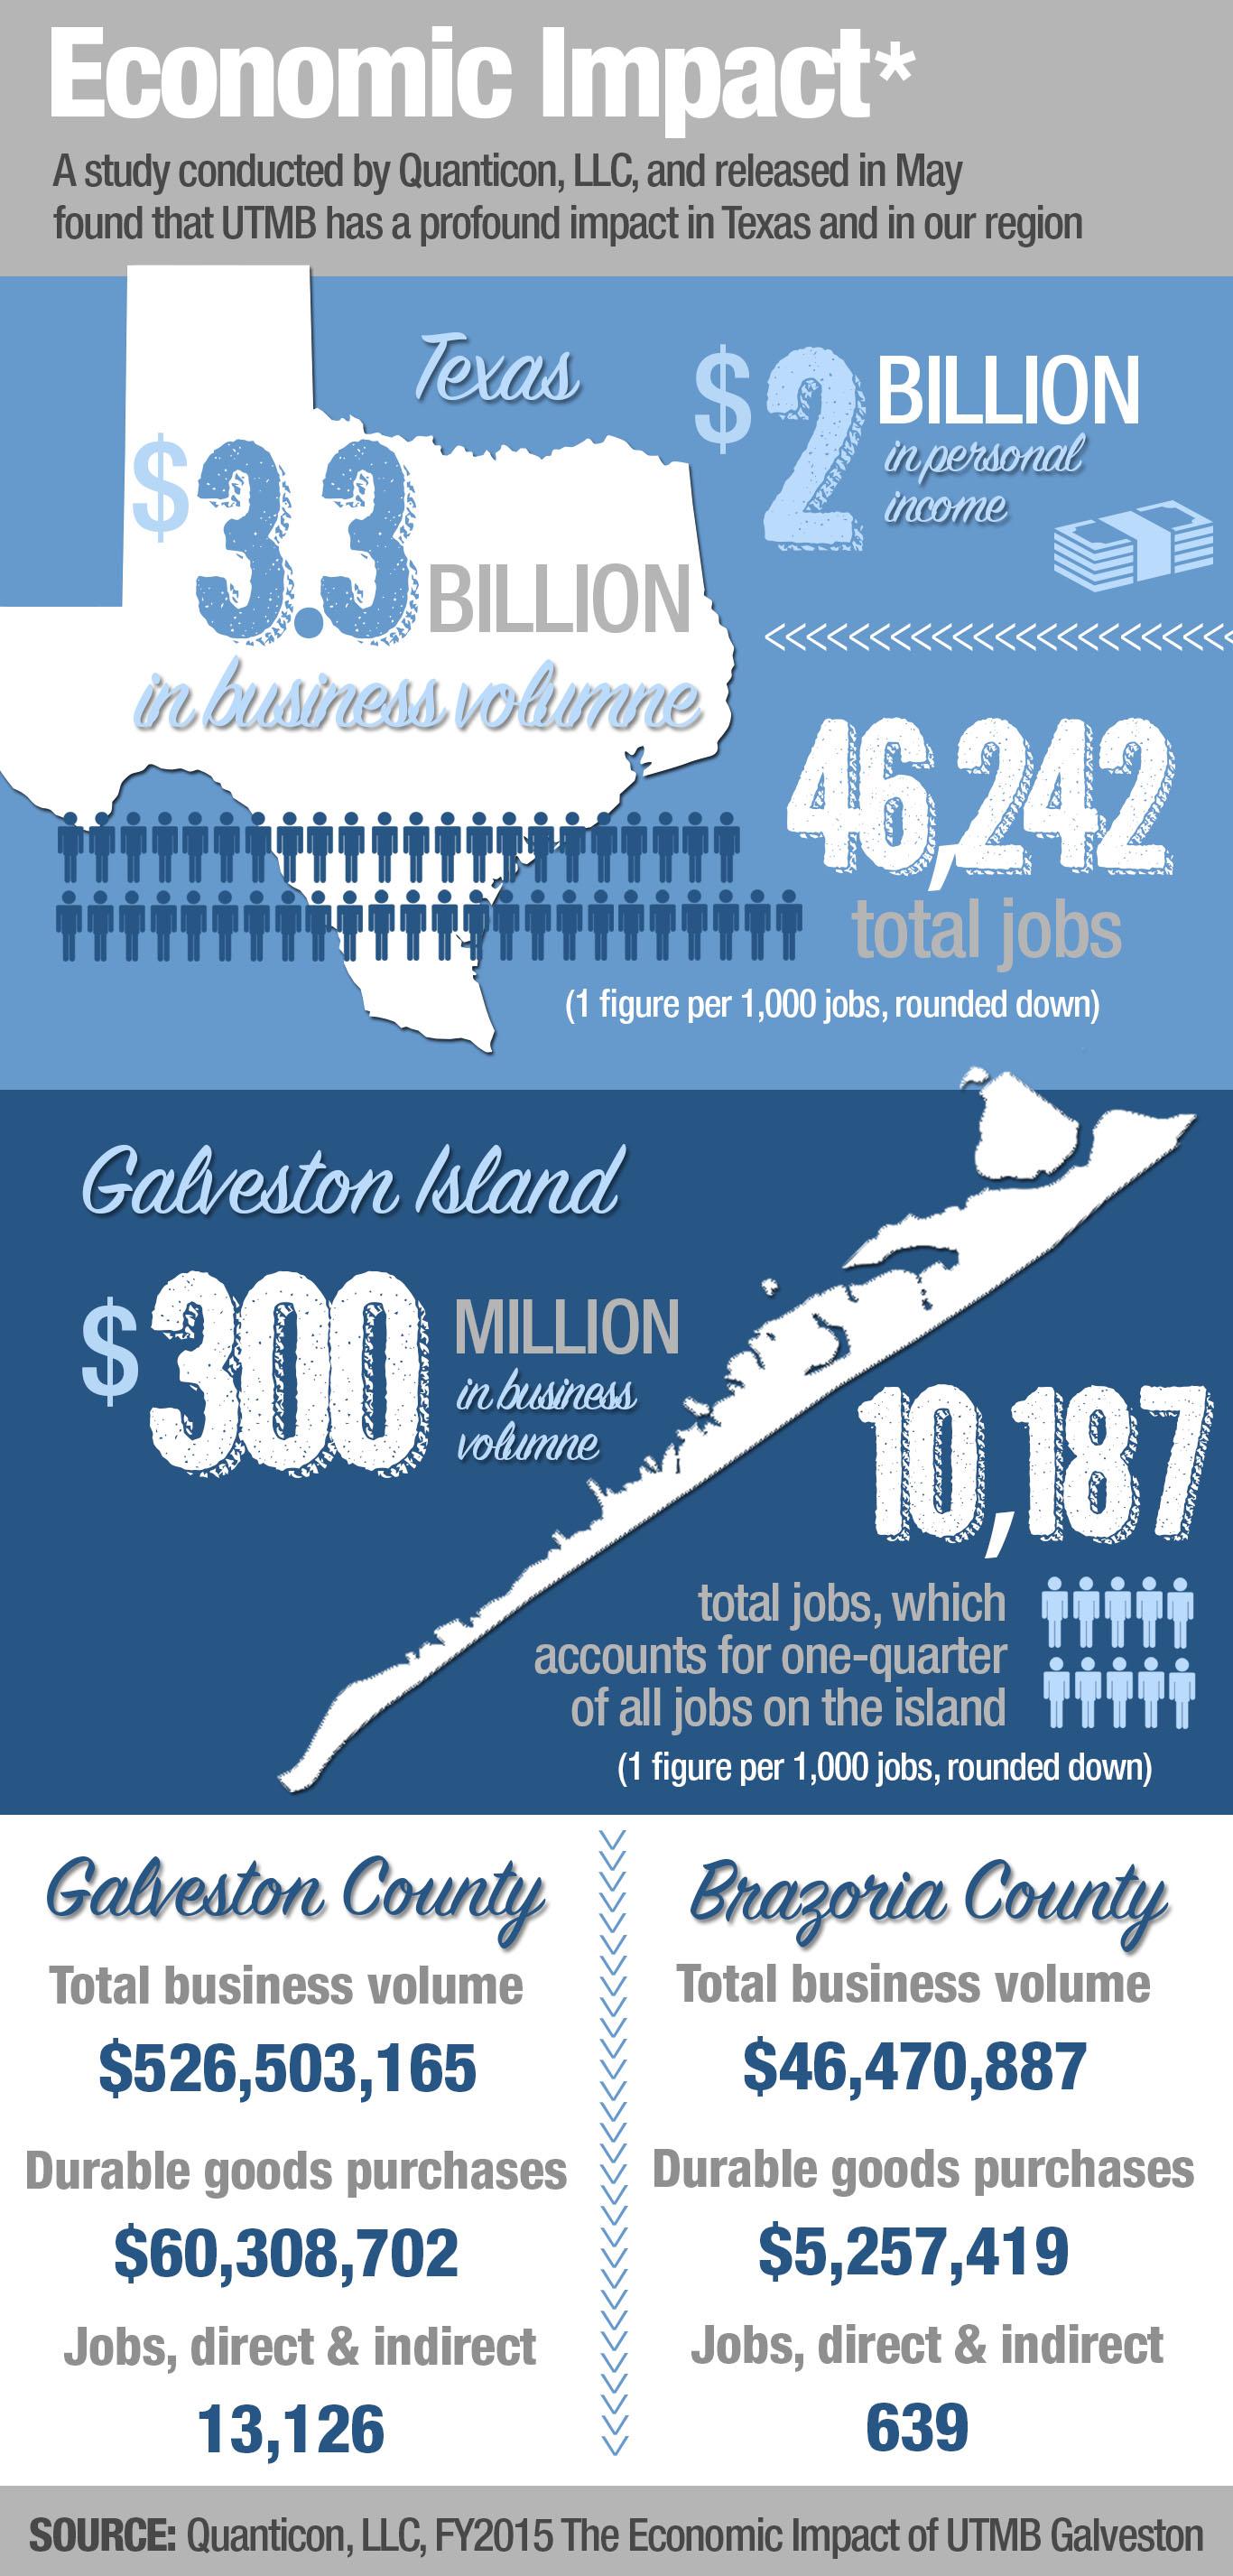 economic_impact_infographic